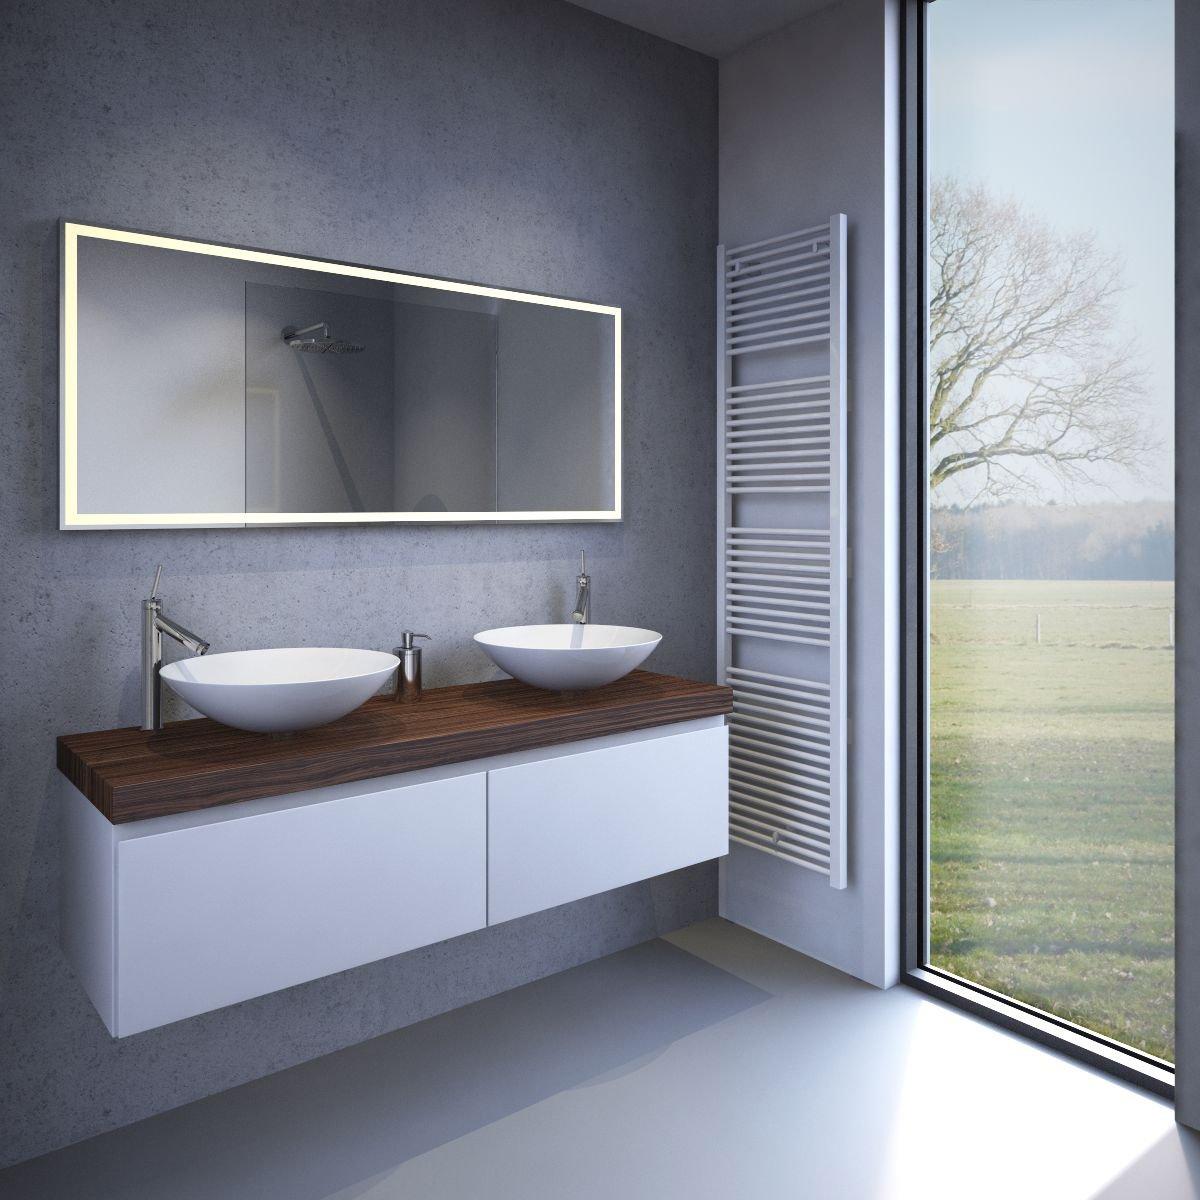 Luxe design badkamer spiegel met verlichting verwarming en for Spiegelkast voor badkamer